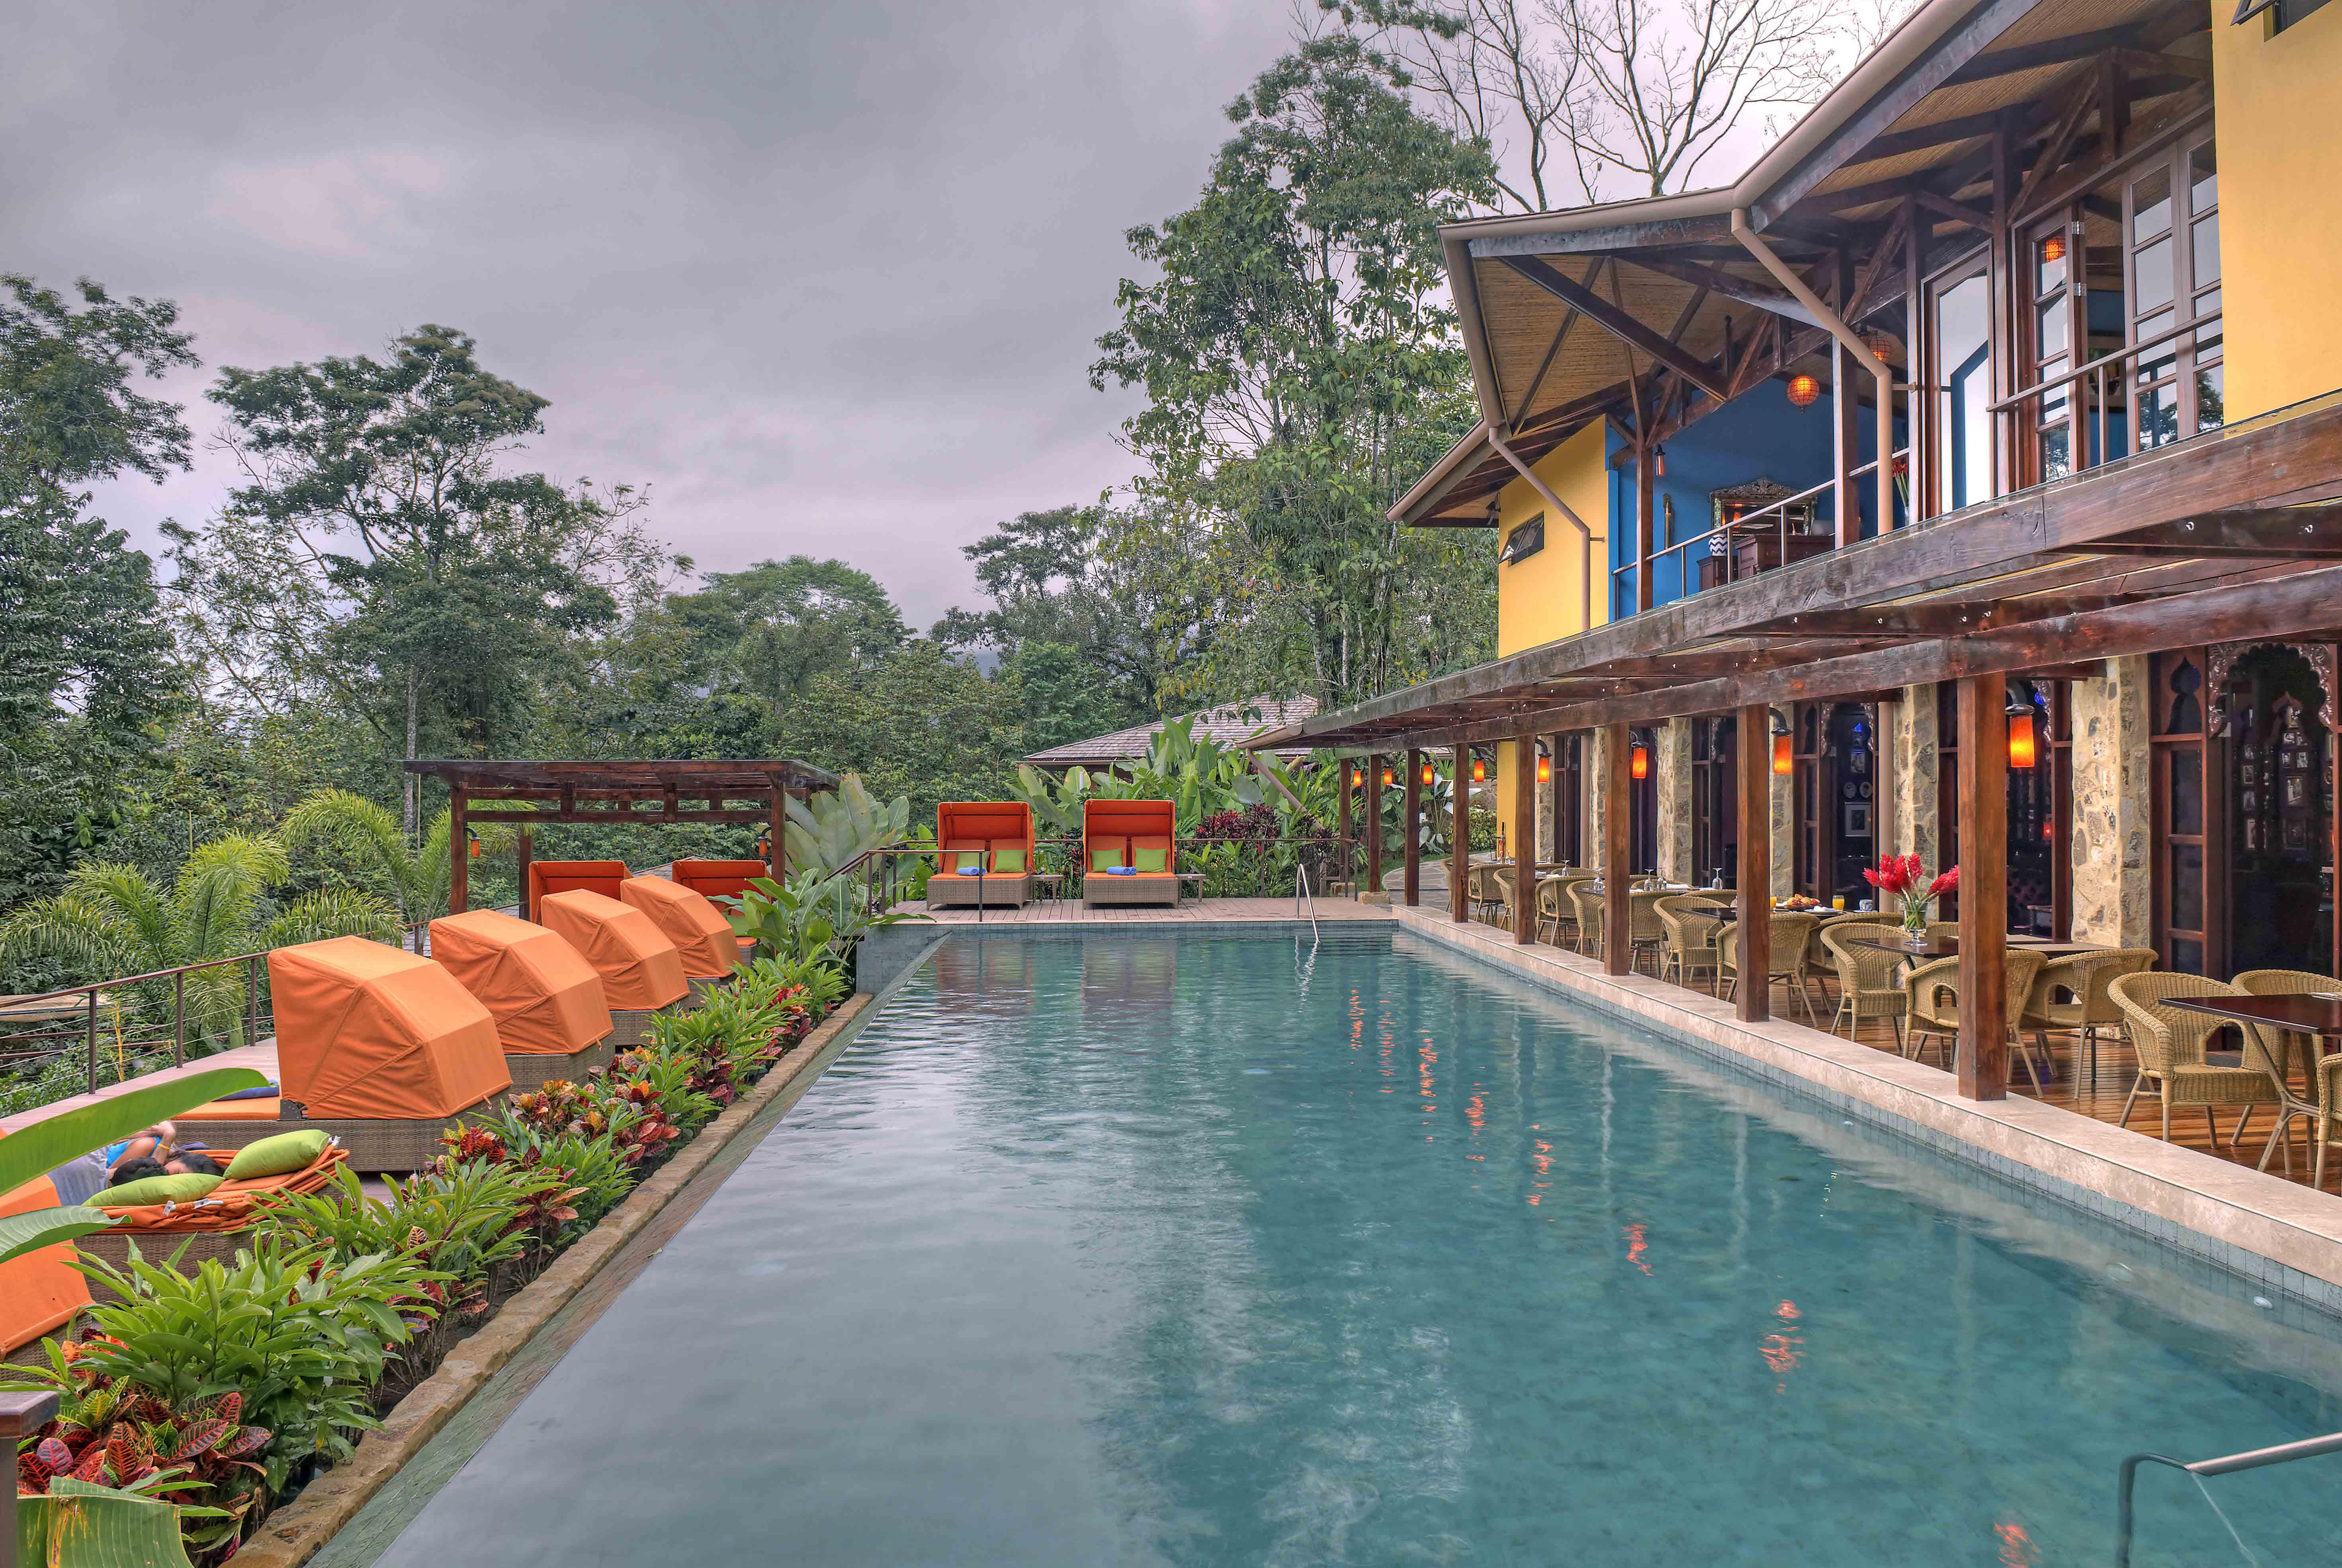 Nayara Springs Lap pool 3